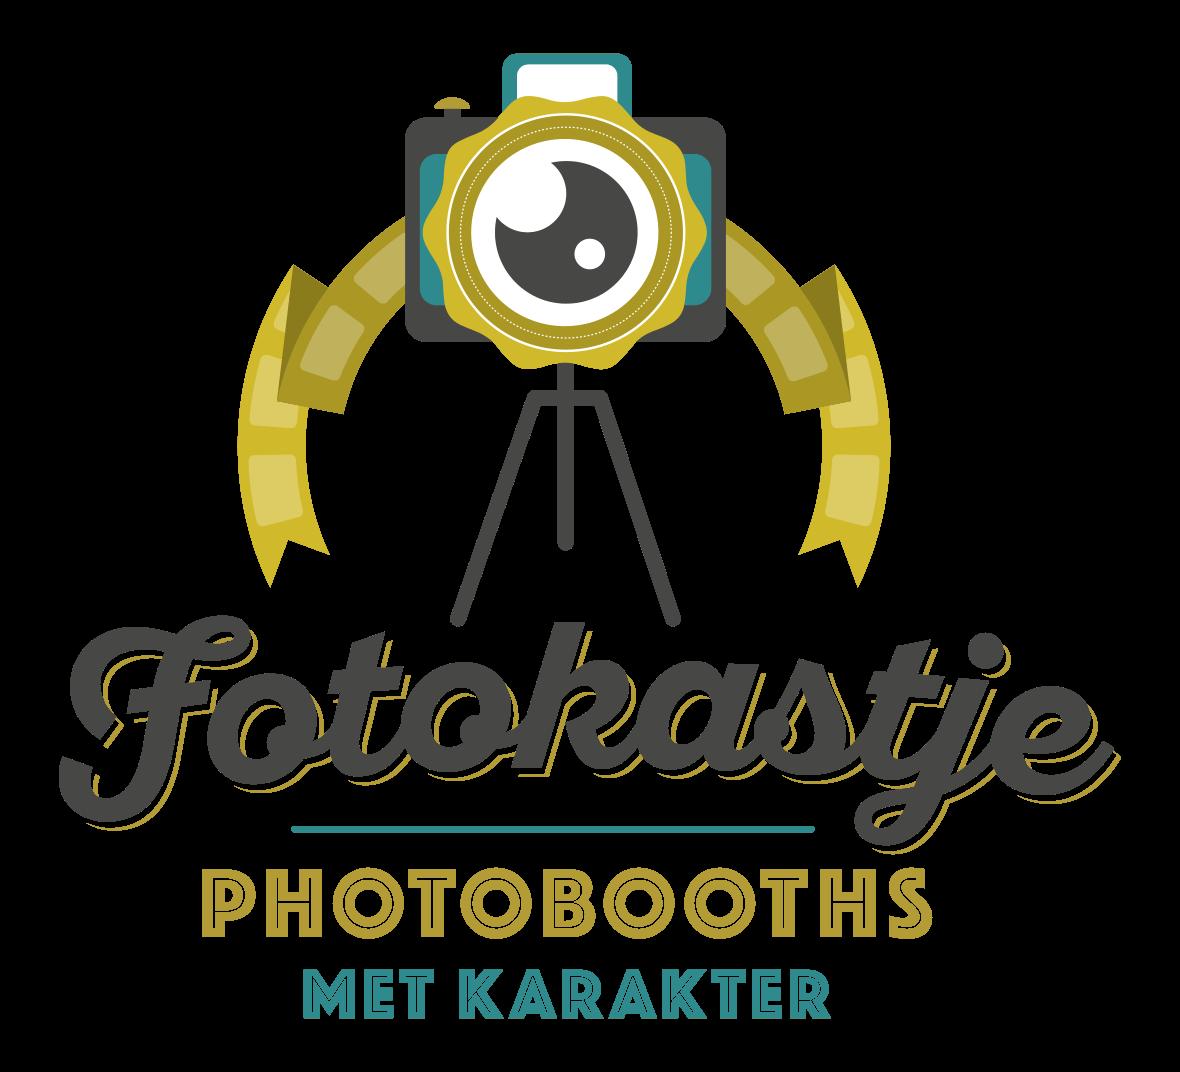 logo_fotokastje_photobooths_met_karakter